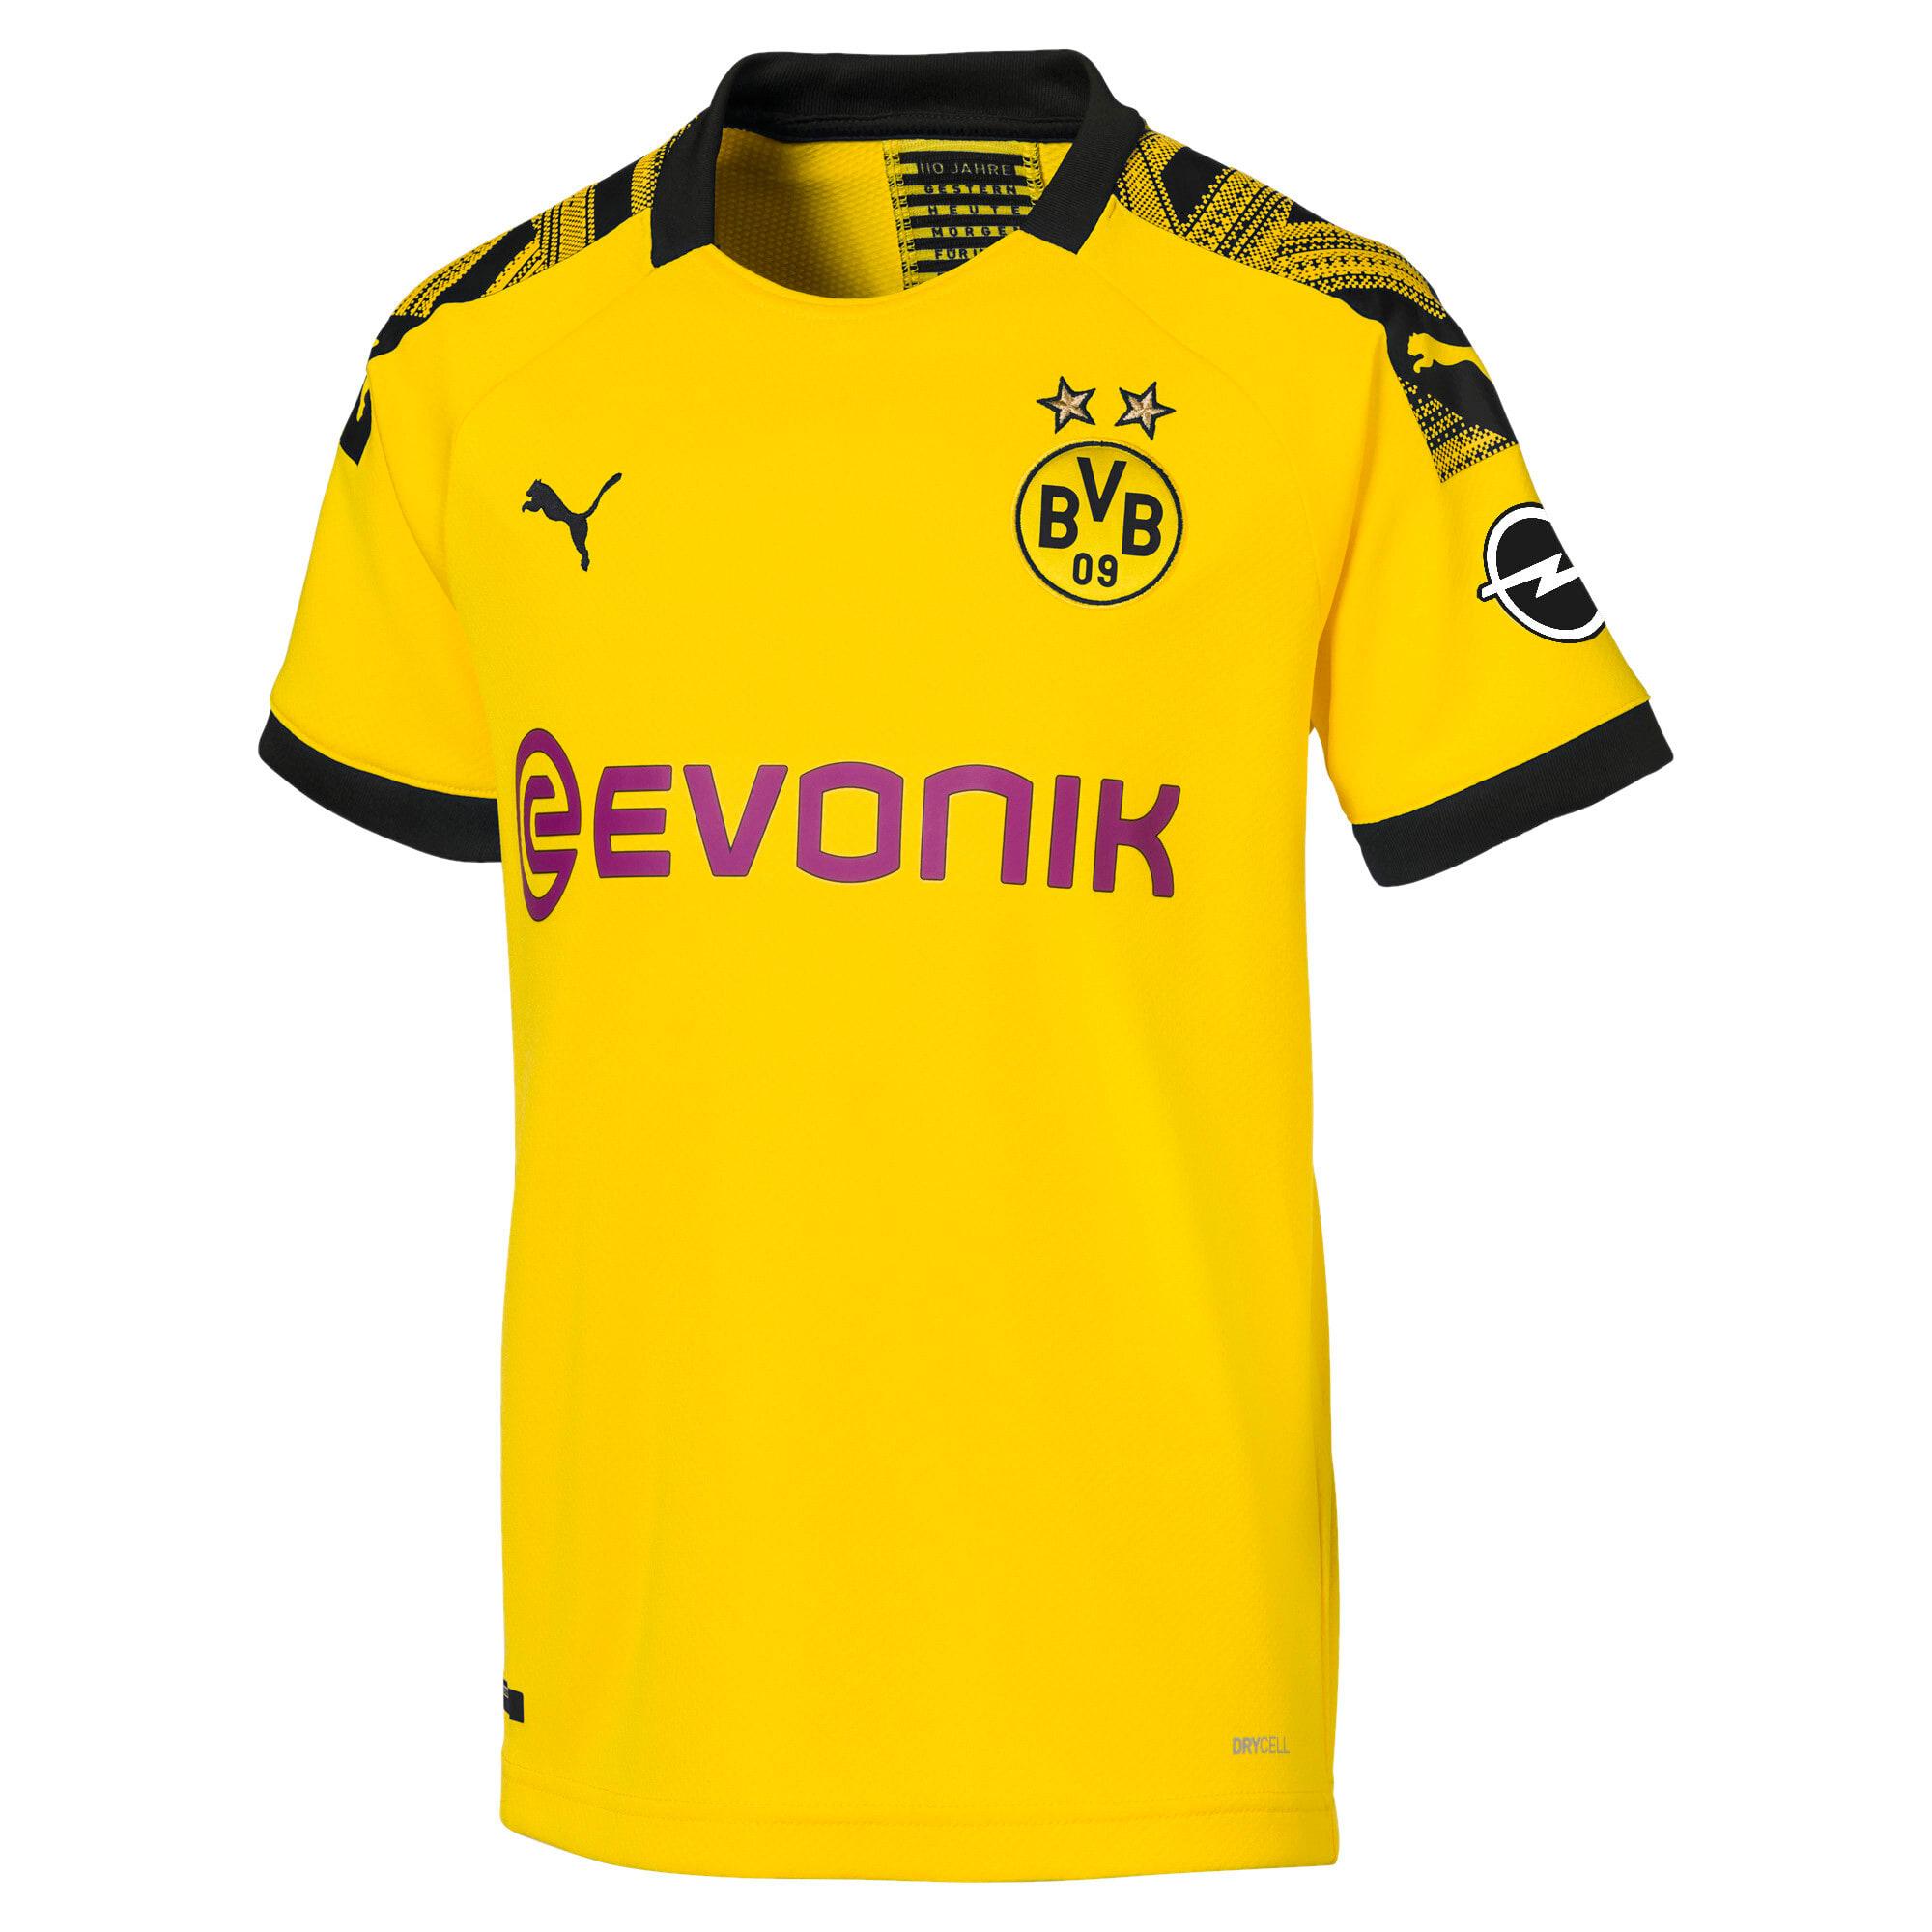 Miniatura 1 de Réplica de camiseta de localBVB para junior, Cyber Yellow-Puma Black, mediano